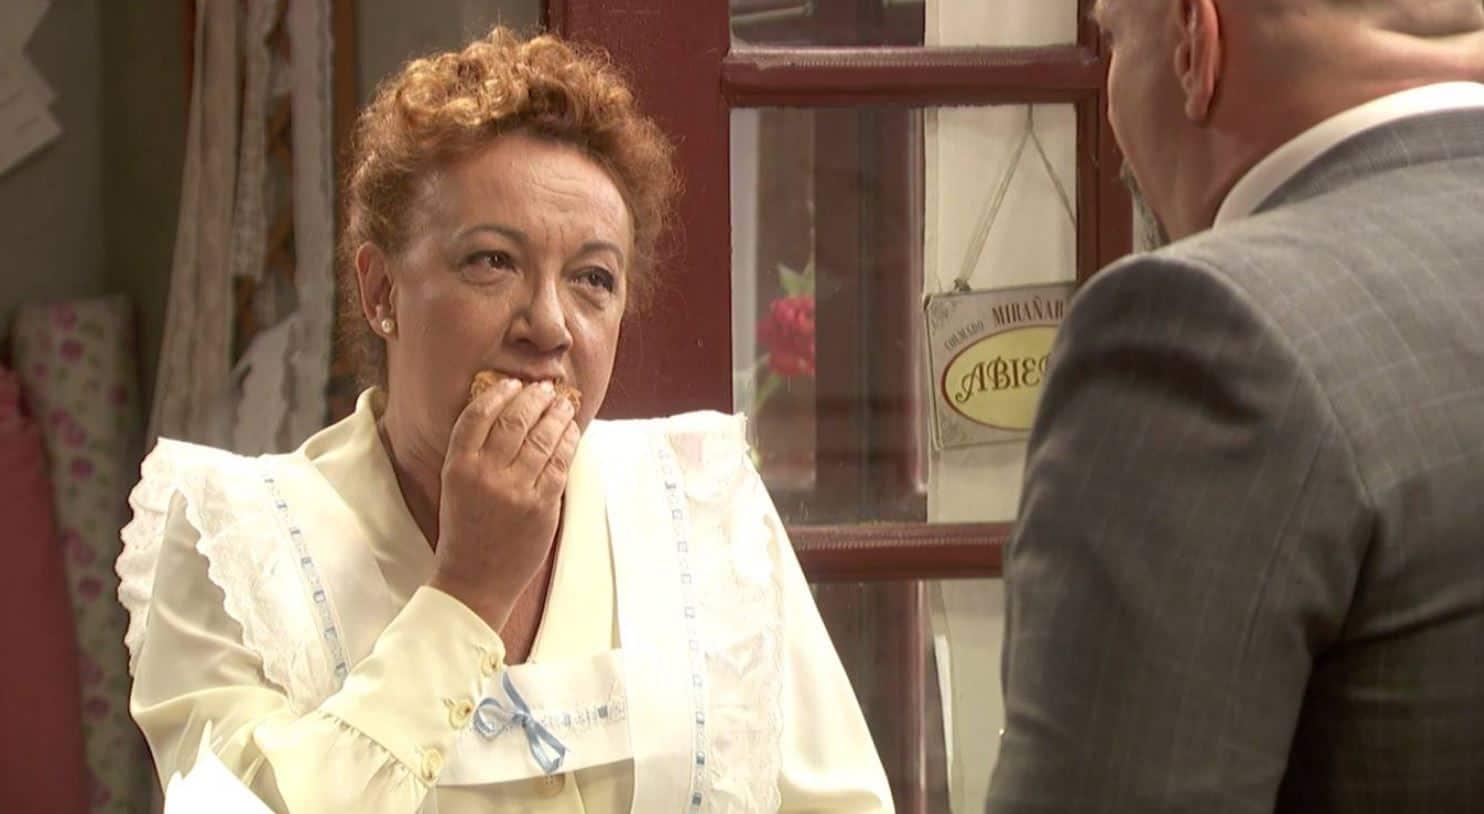 Il segreto anticipazioni: Dolores sotto choc, che ne sarà di Tiburcio?